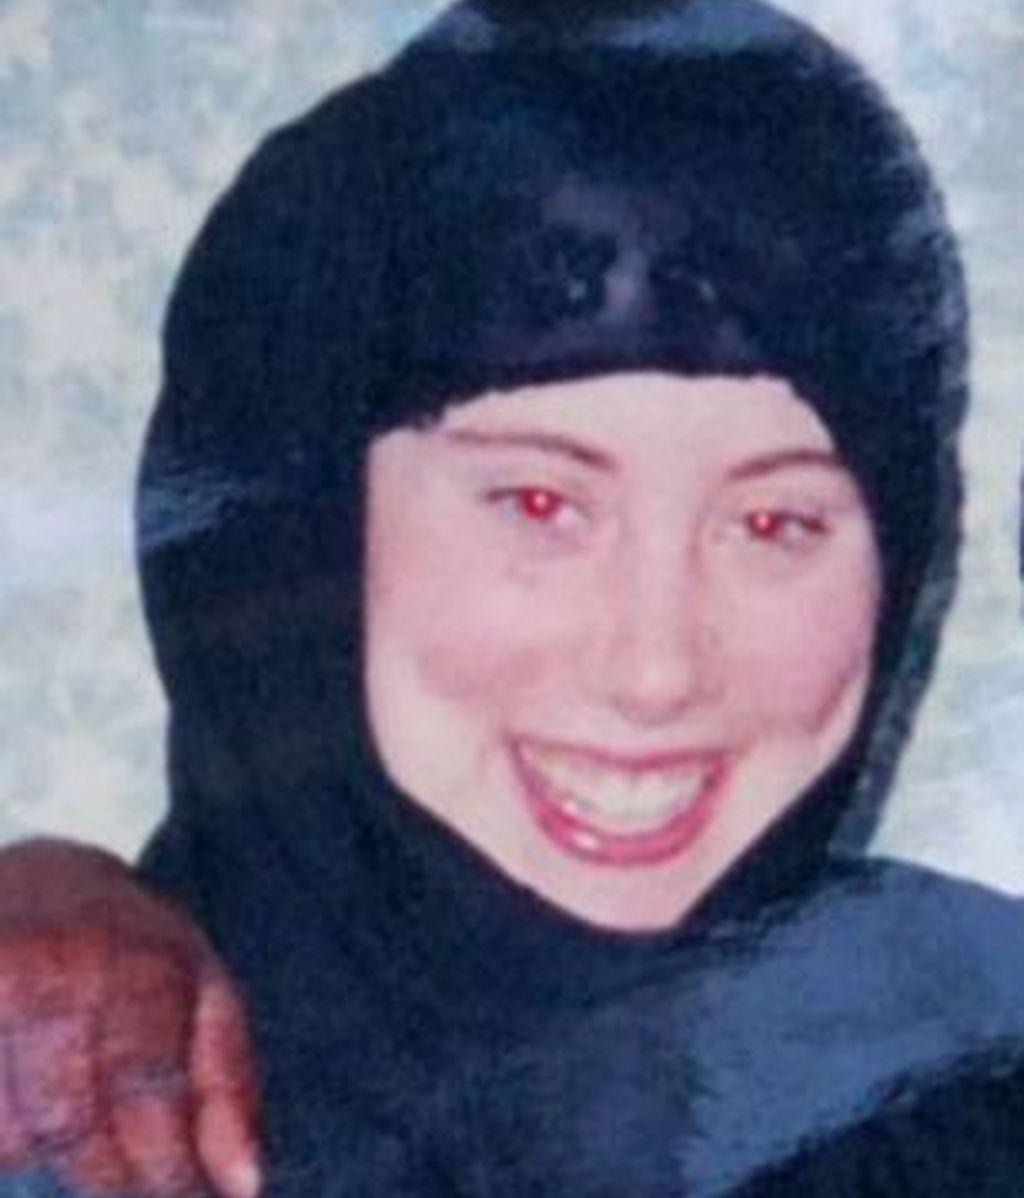 La viuda blanca del 7J podría estar detrás de los atentados